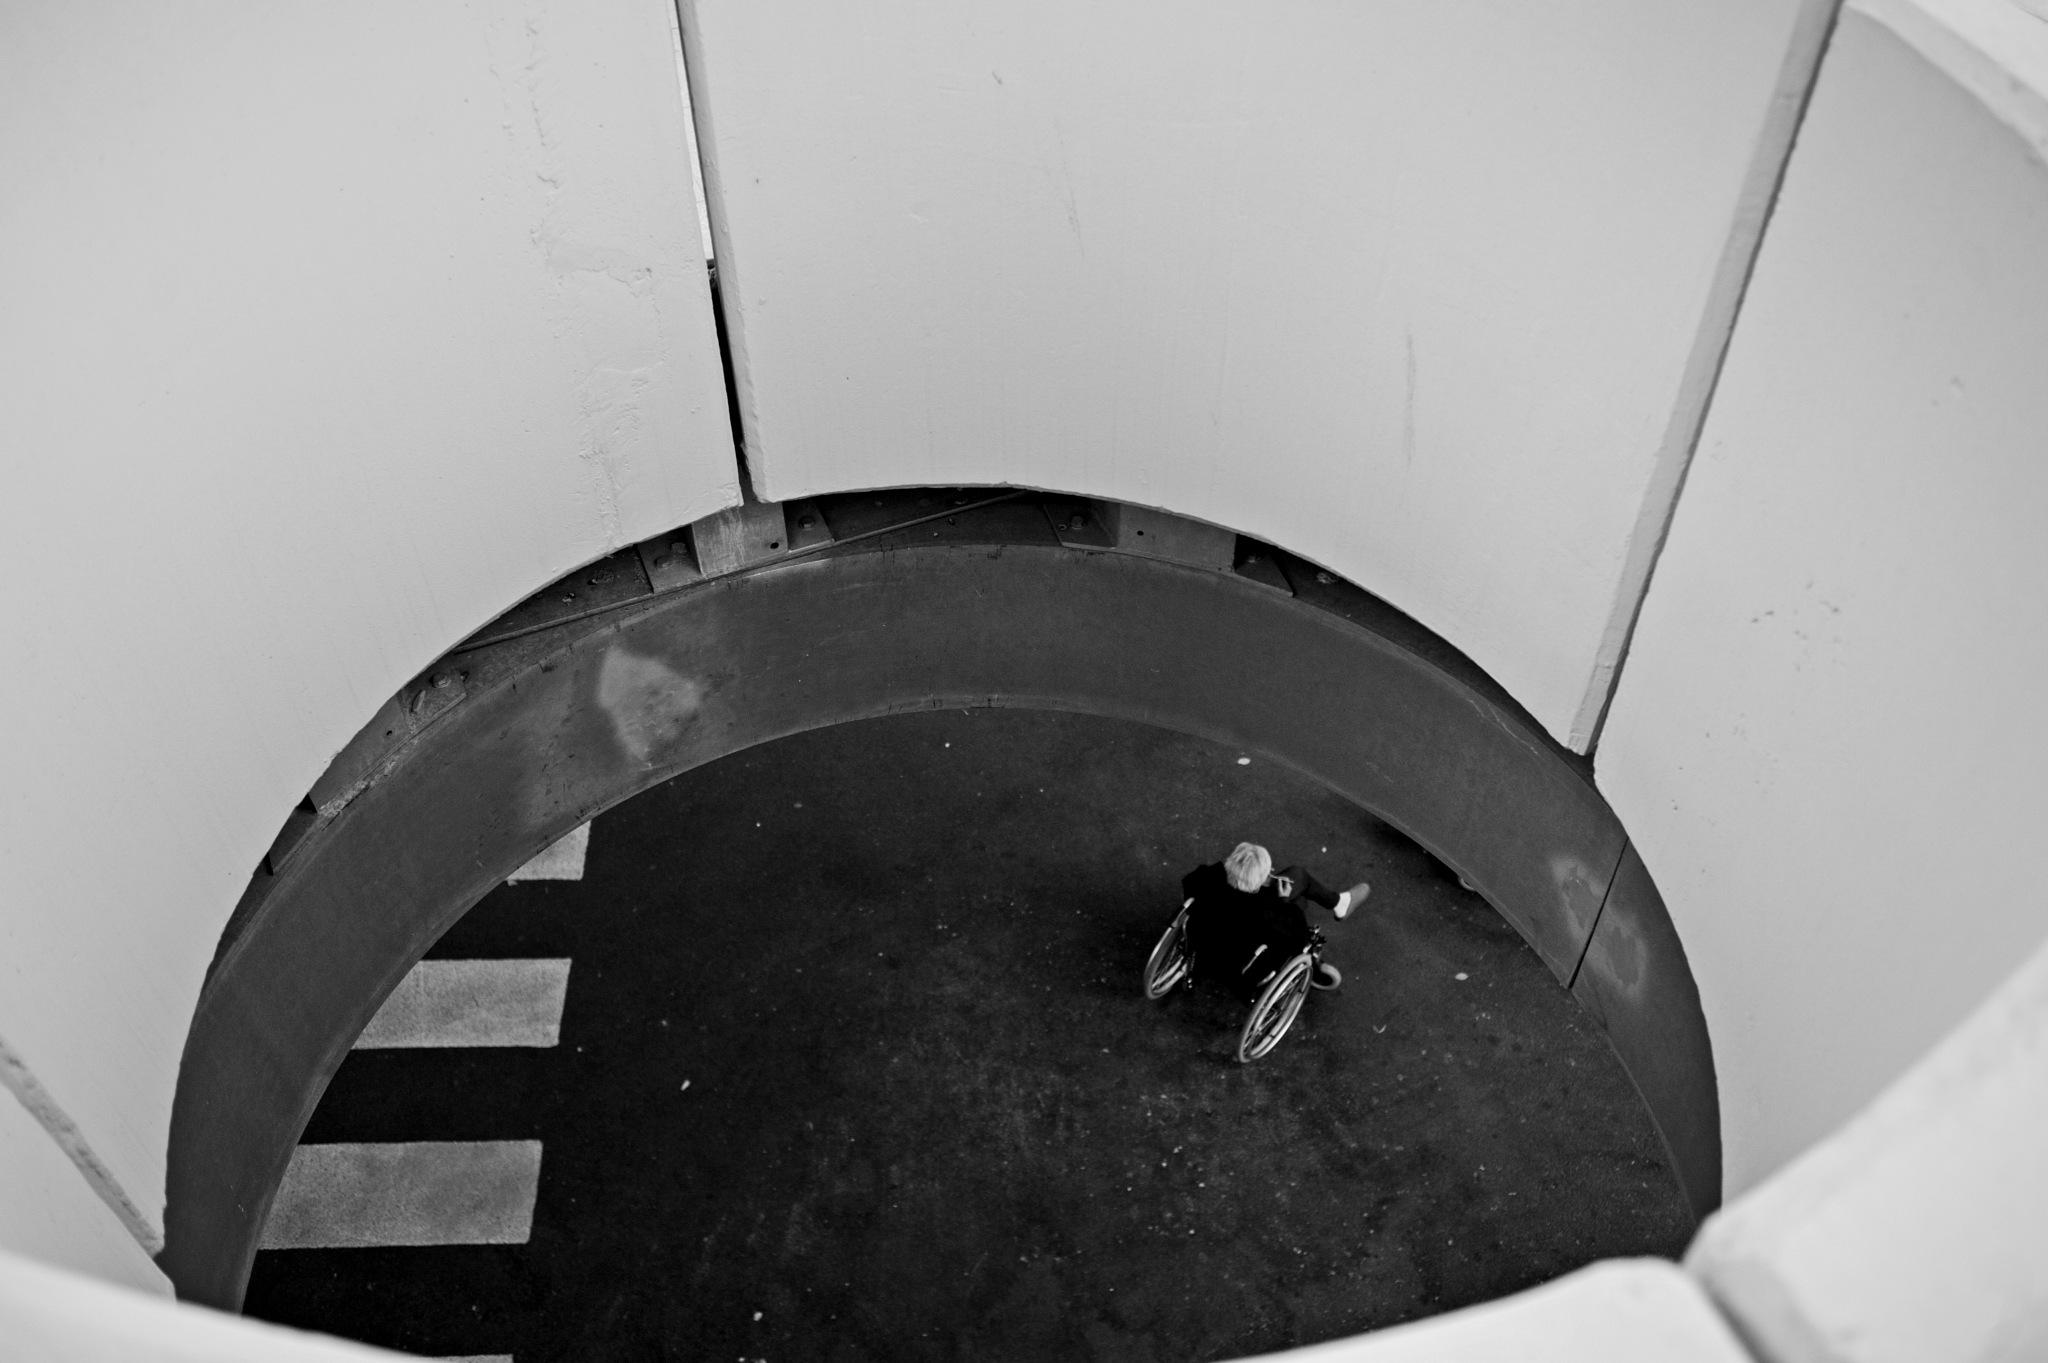 hole by Gianni Perini